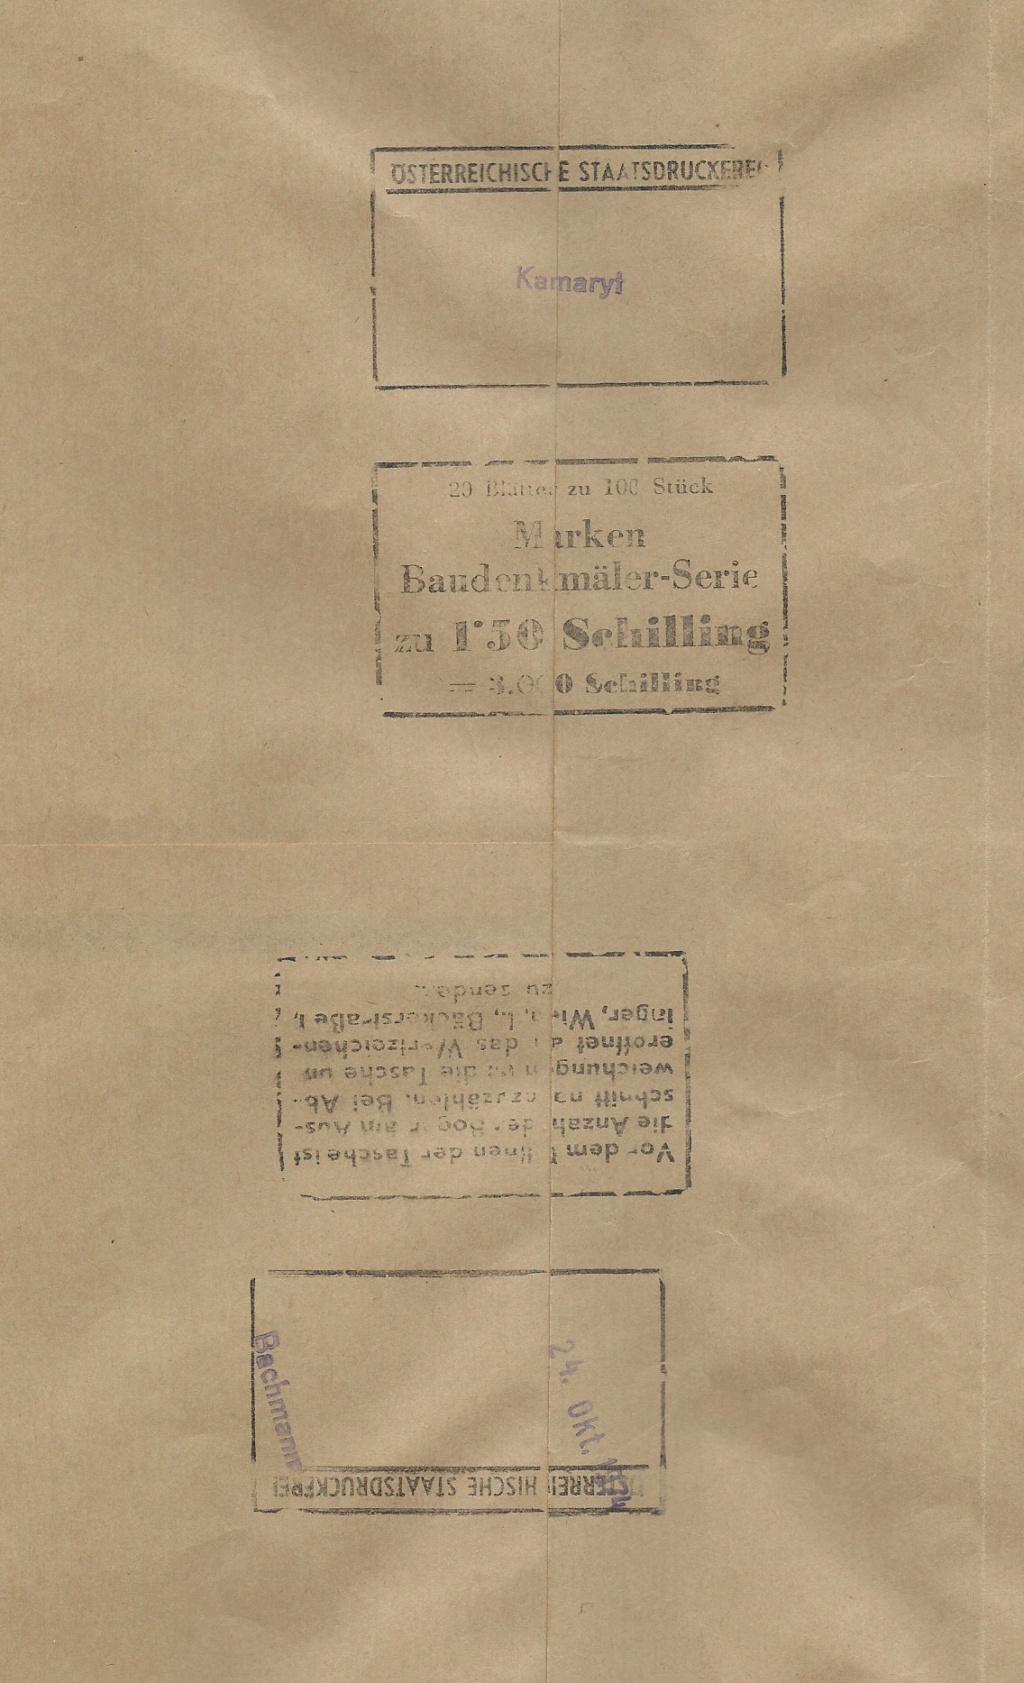 """Bauwerke und Baudenkmäler """"Bautenserie"""" - Seite 7 Versan10"""